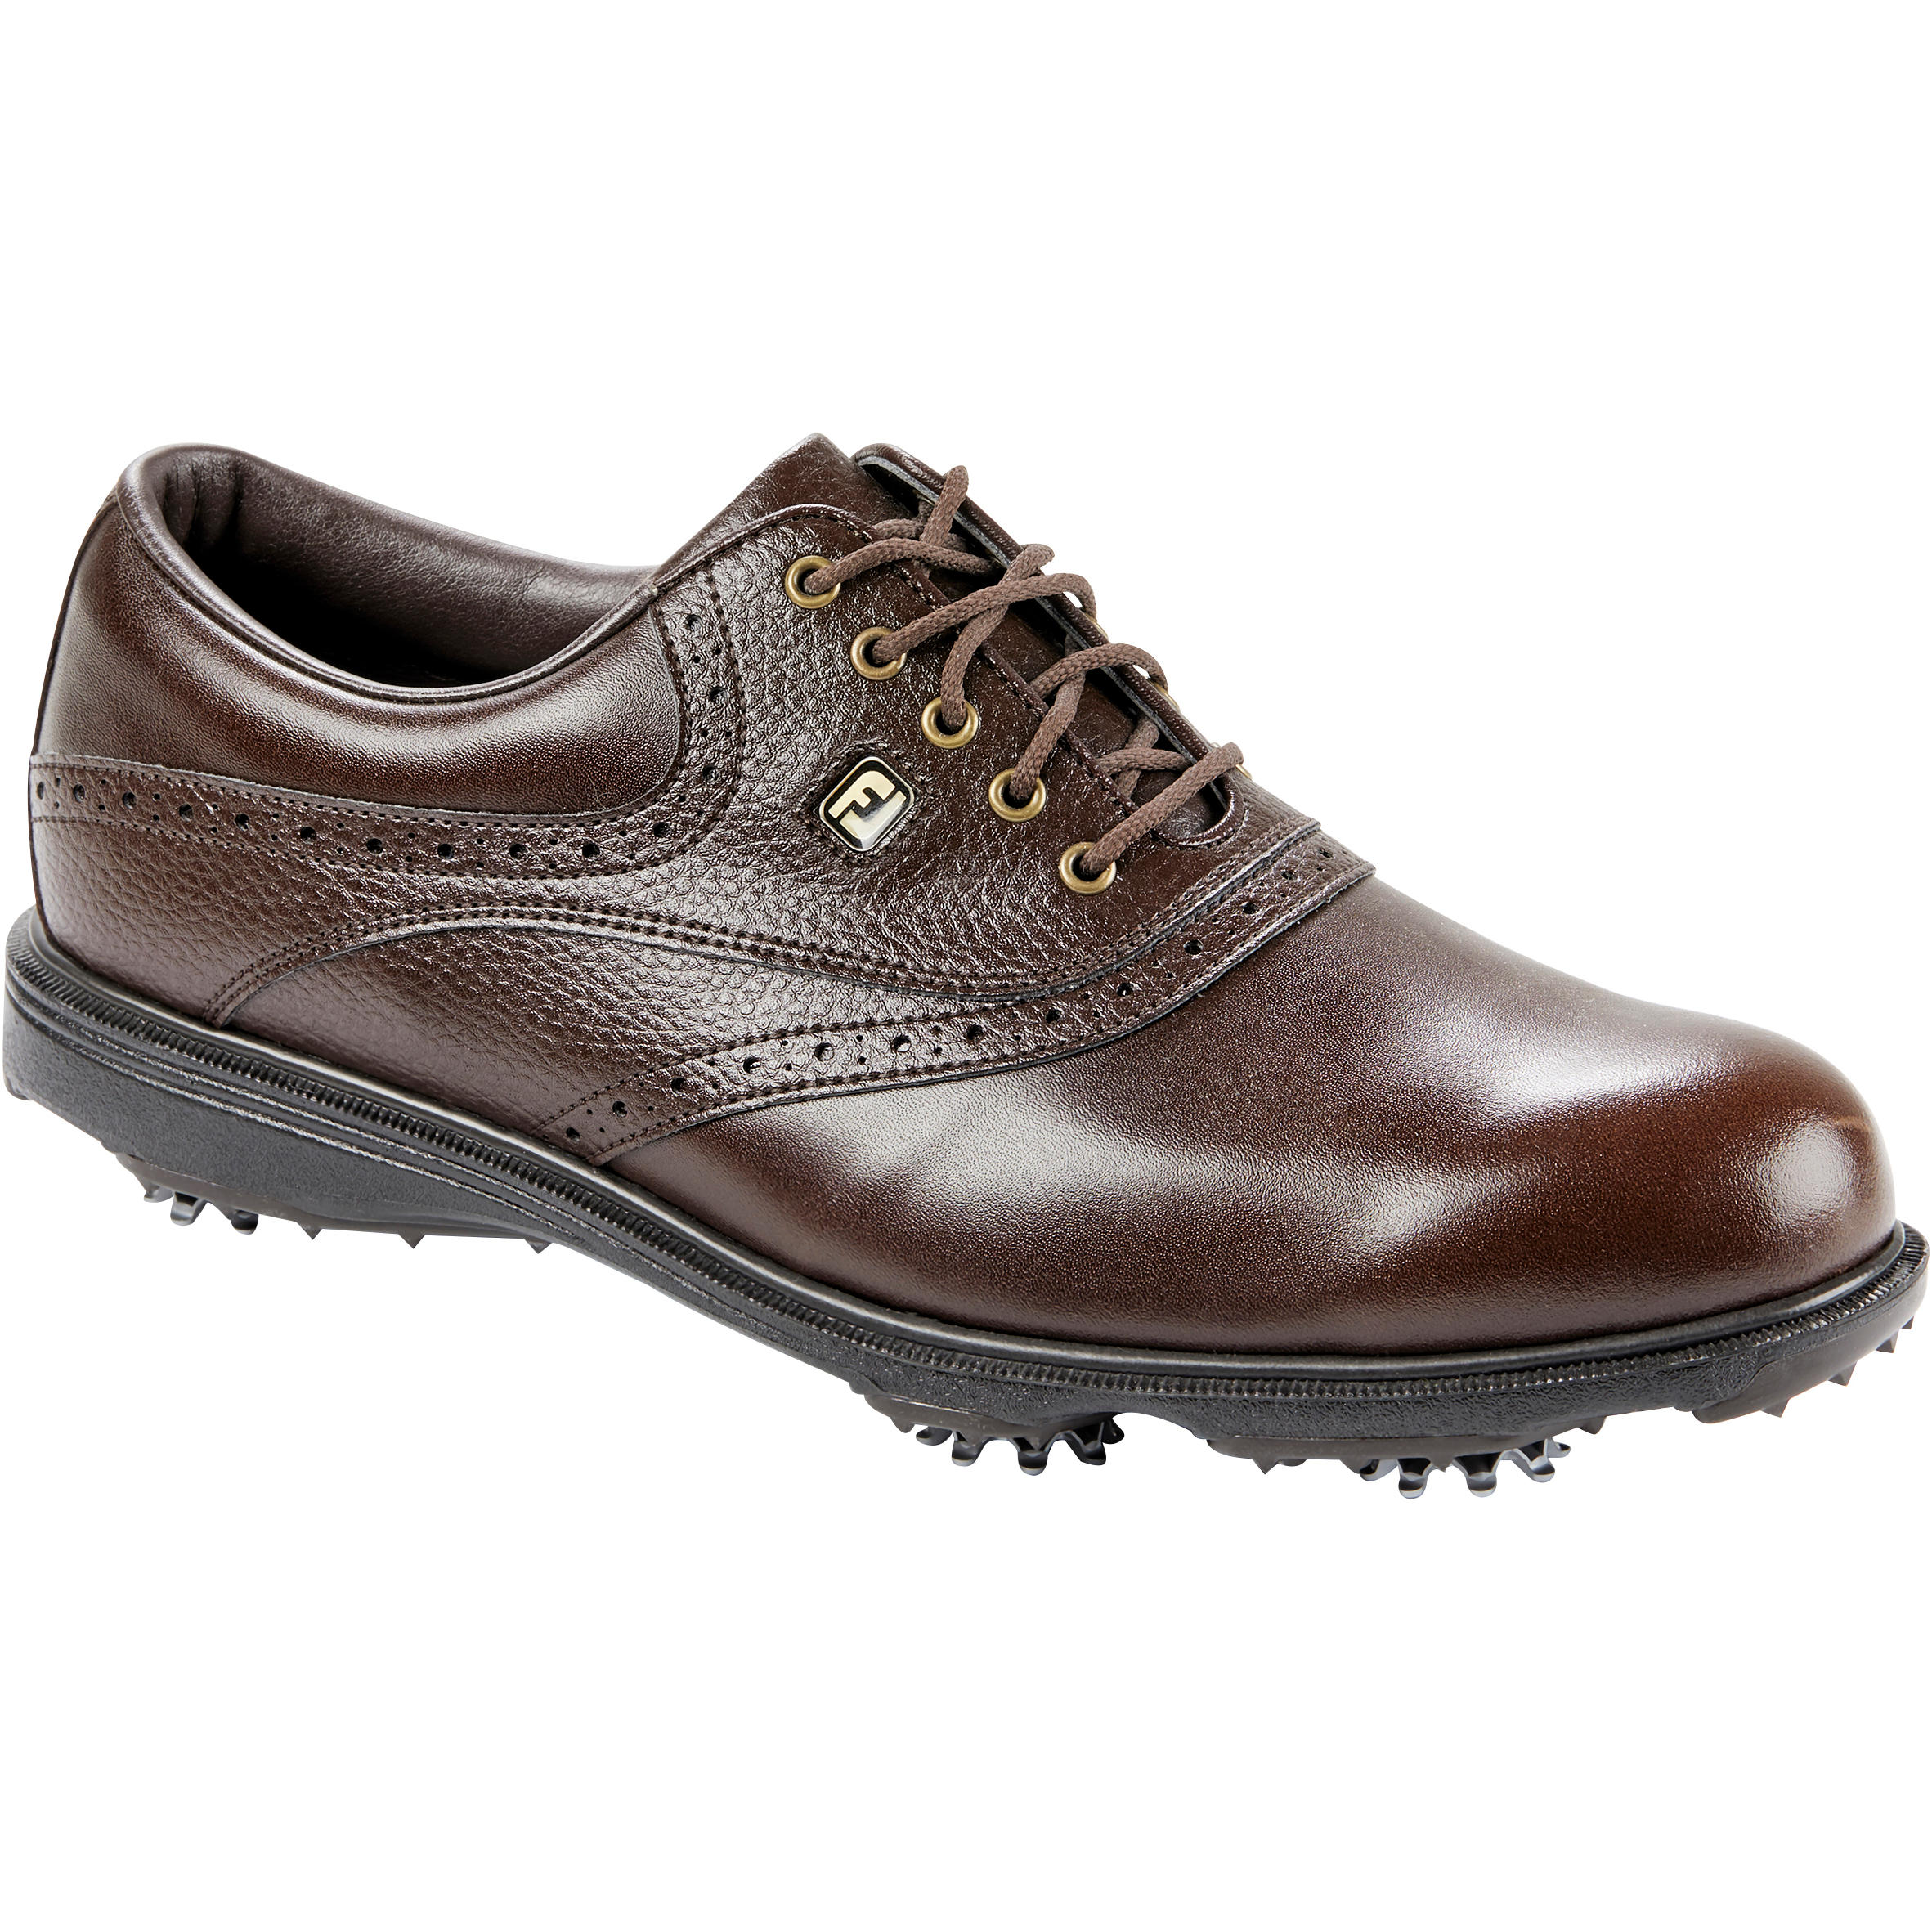 Footjoy Golfschoenen voor heren Hydrolite 2.0 donkerbruin